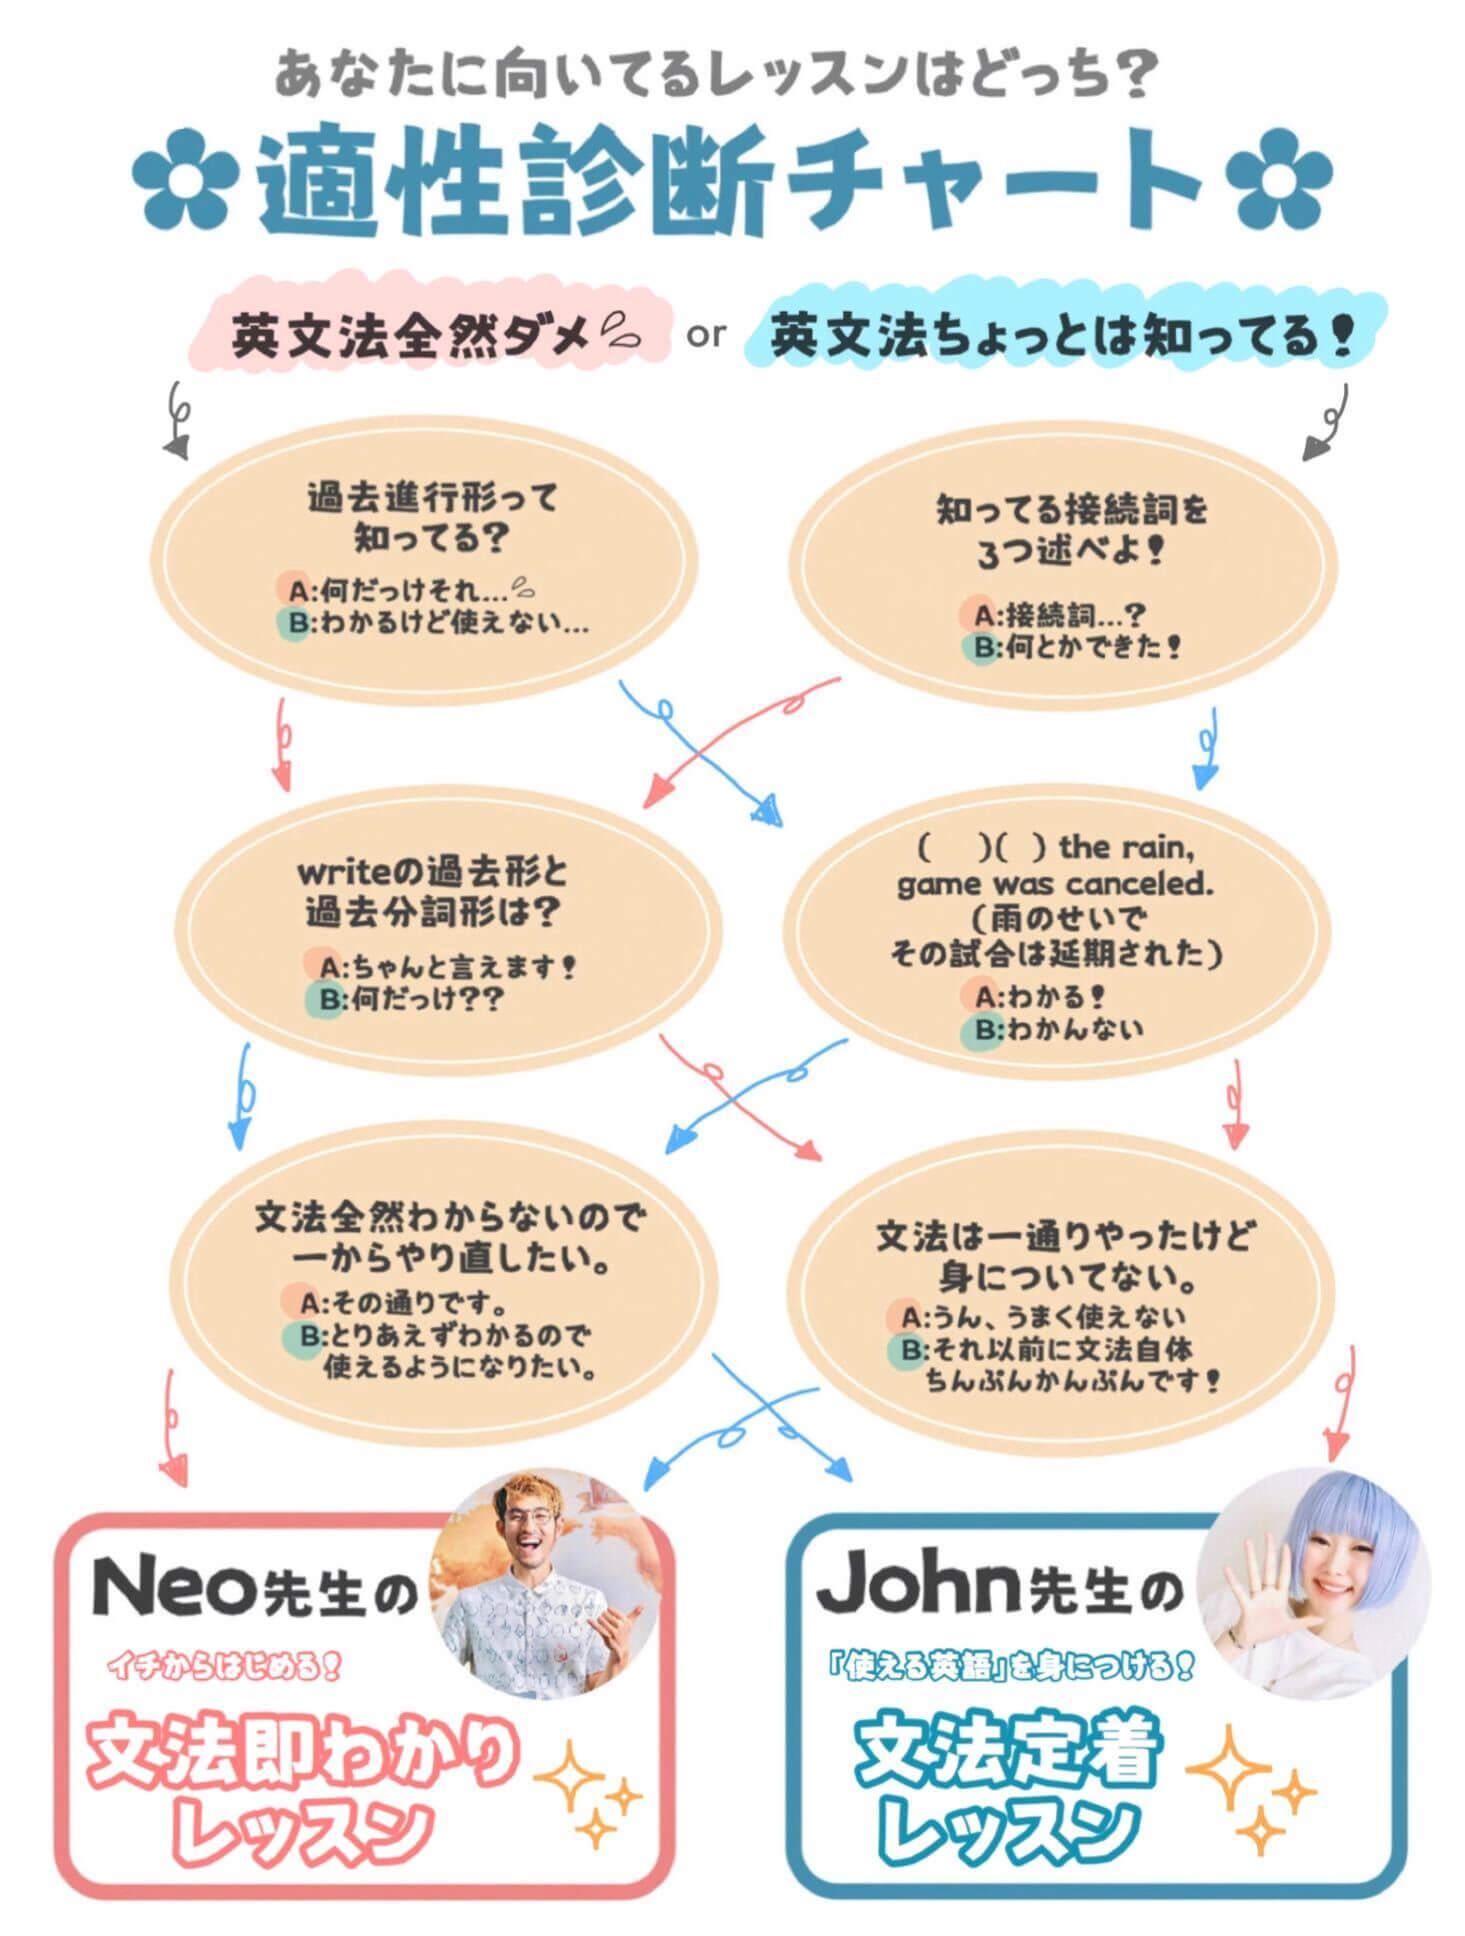 適性診断チャート